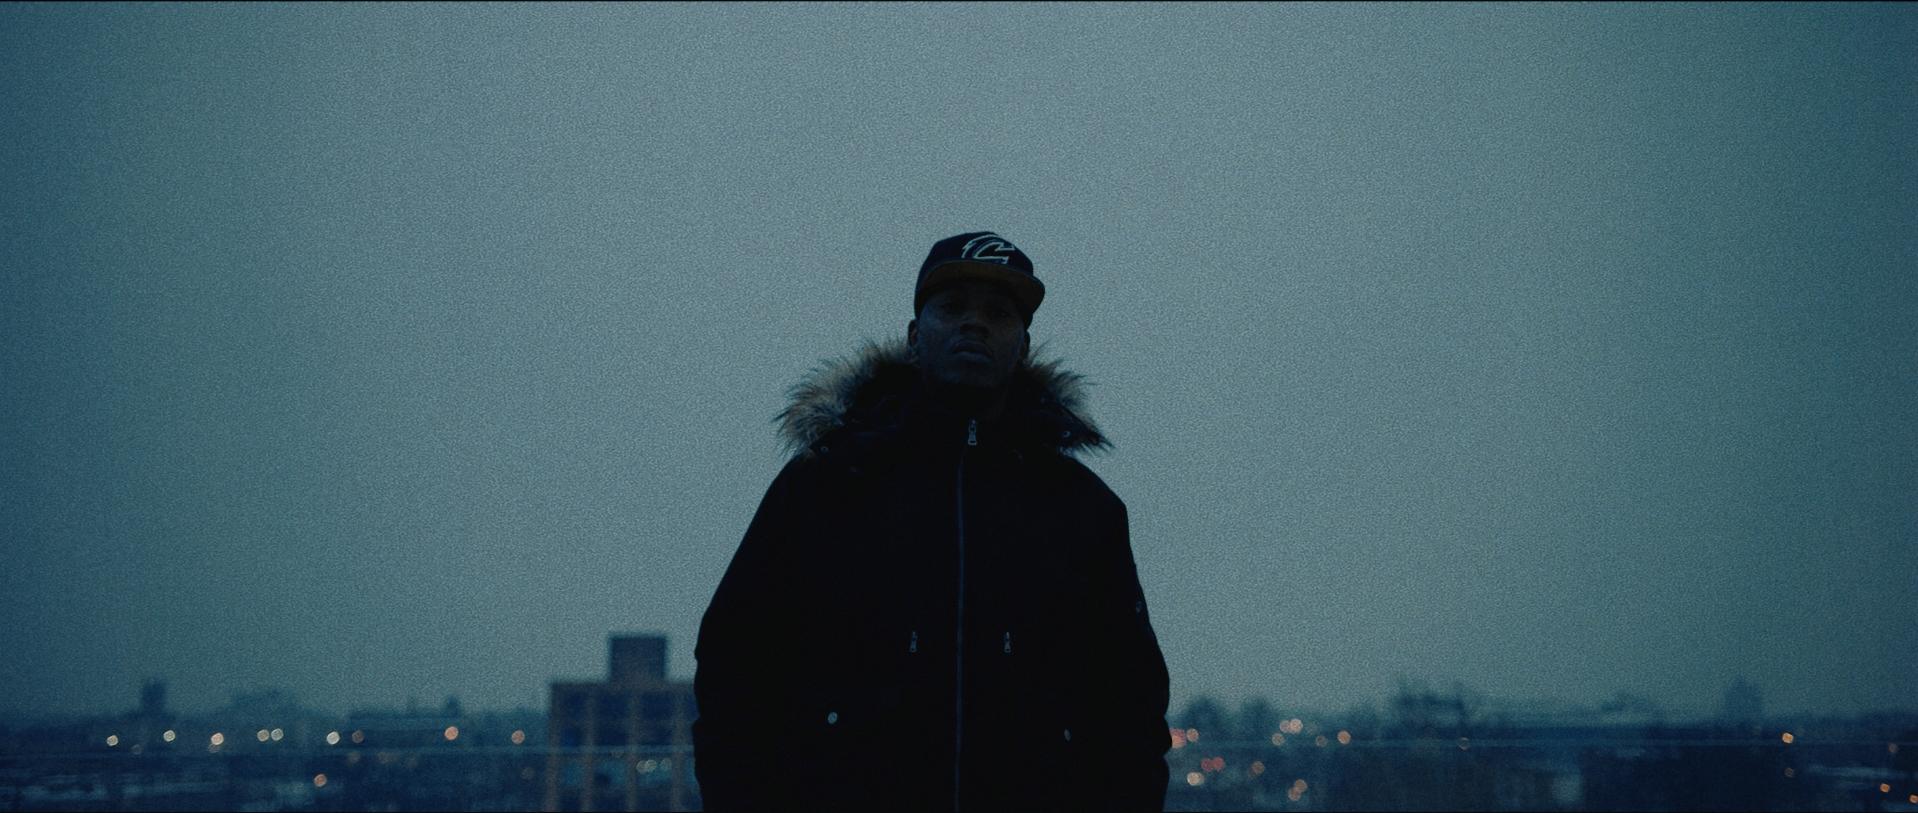 Kinnect|documentary